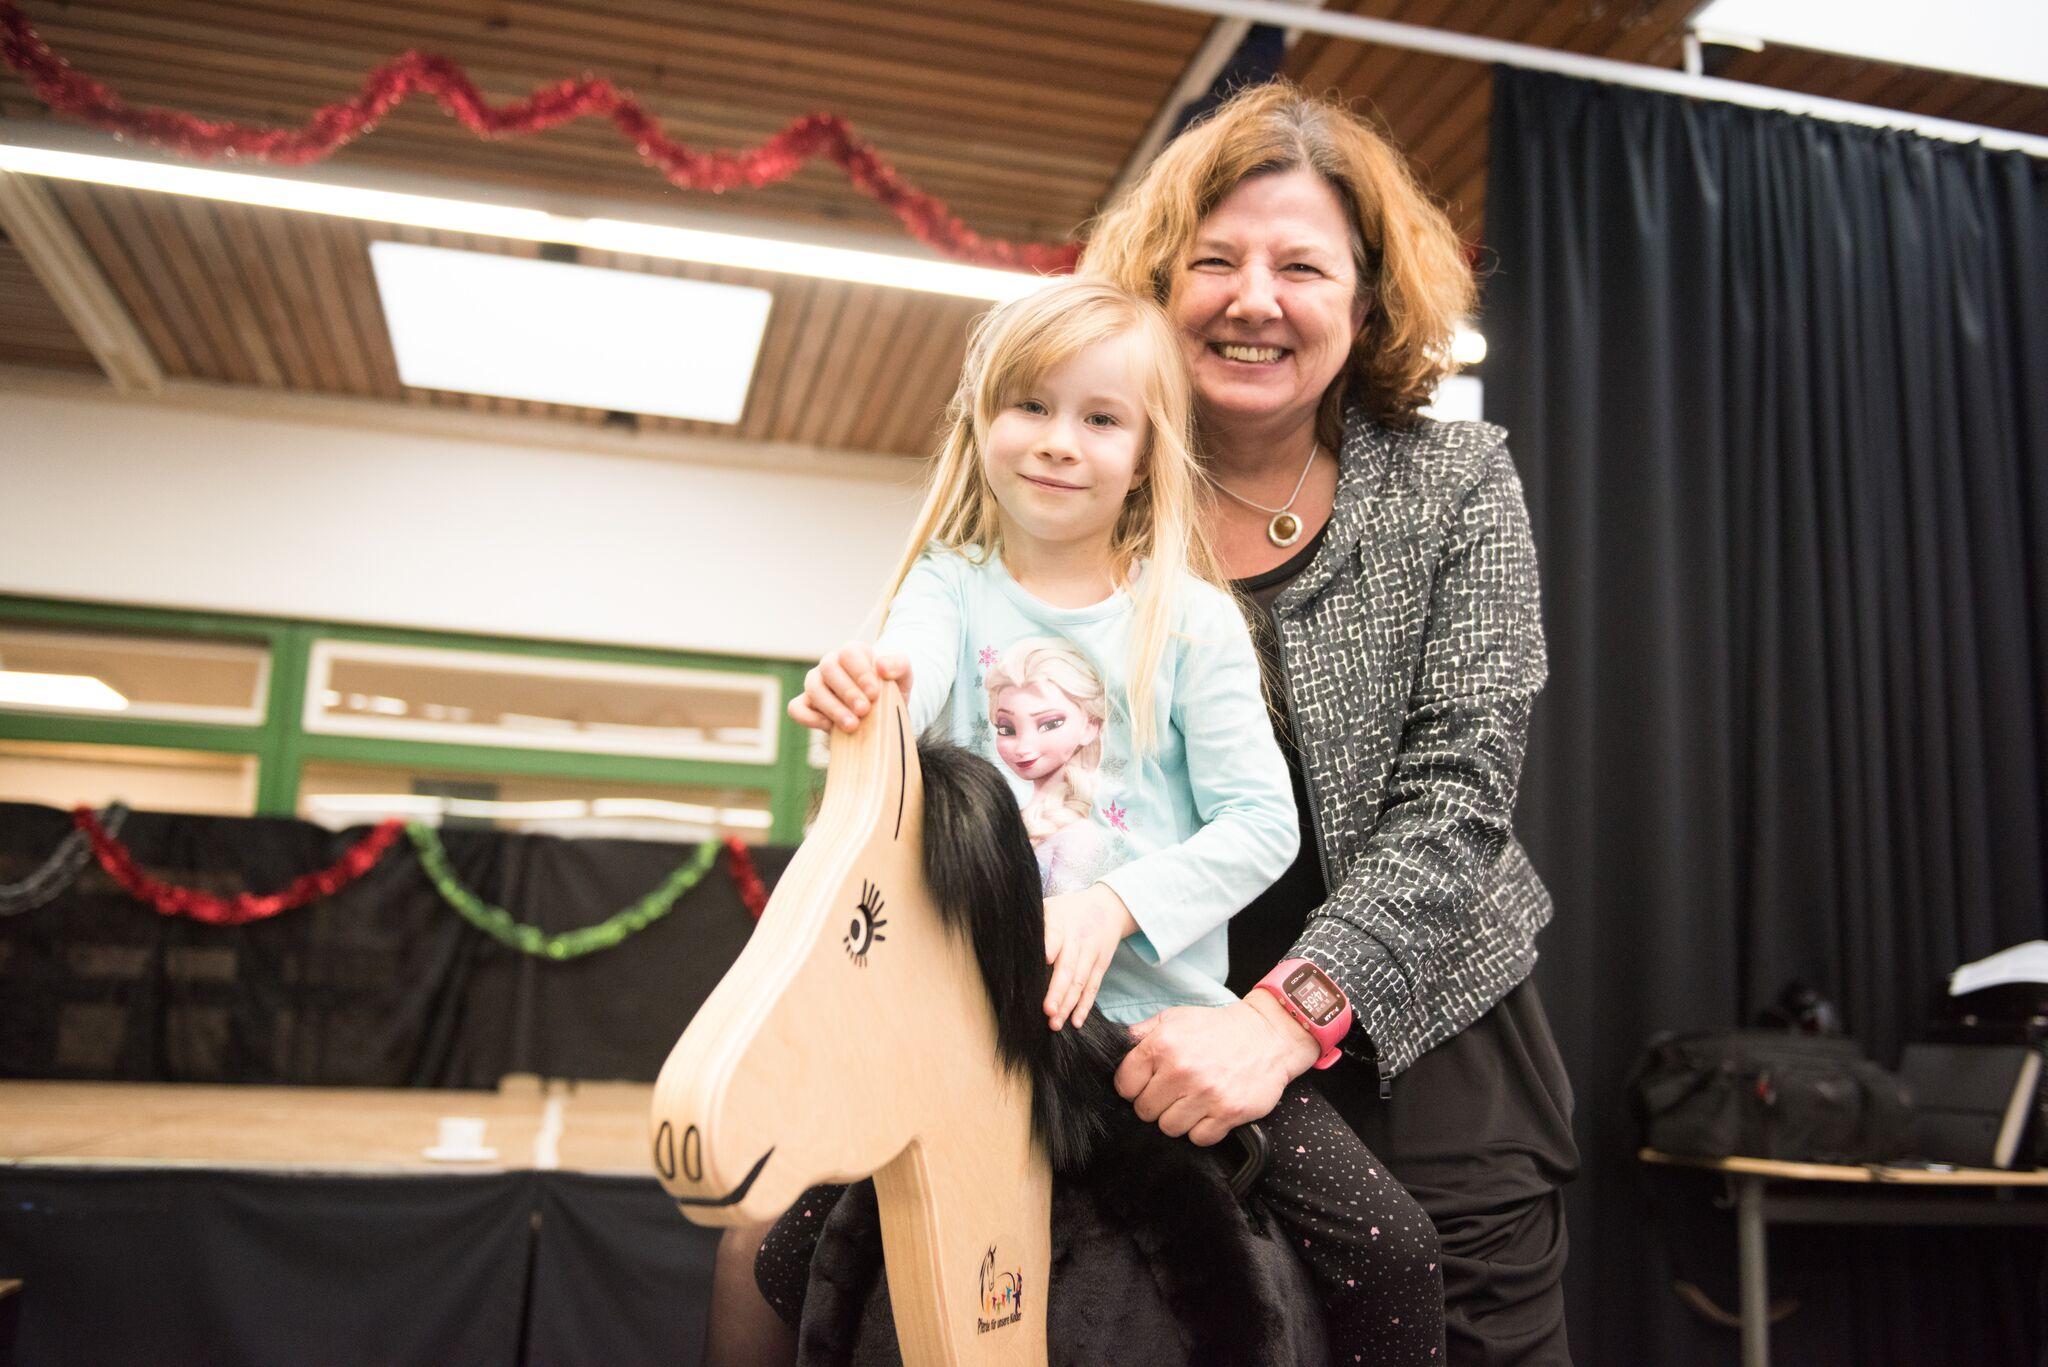 vetoquinol bringt holzpferde in acht kindertagesstätten